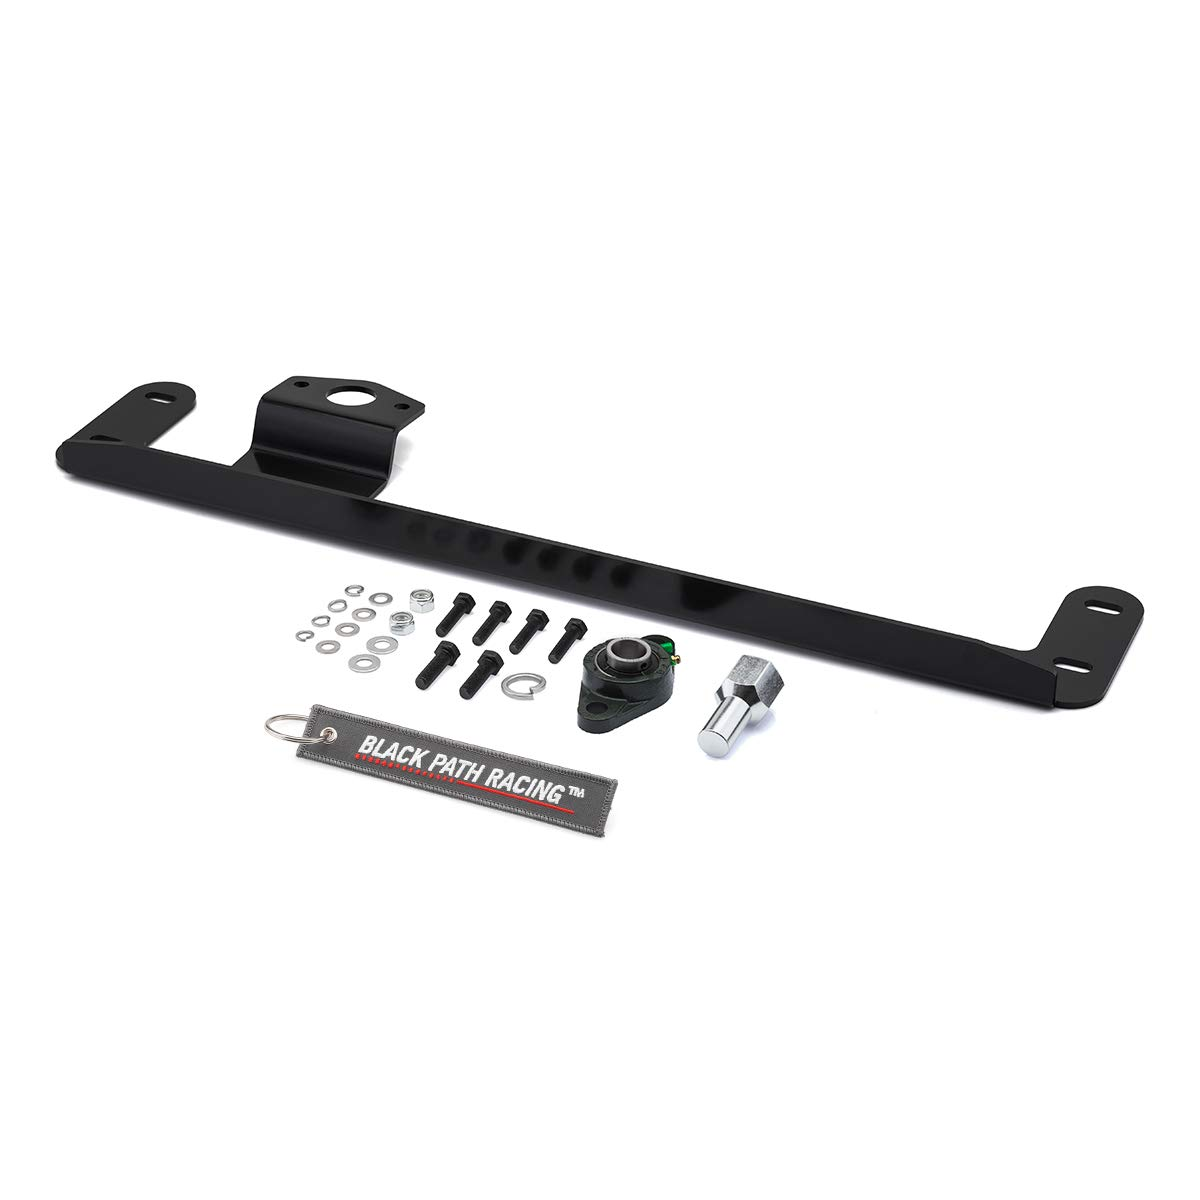 BlackPath Black Adapter Nut Wobble Fix Cummins Diesel Fits 2003-2008 Dodge Ram 2500 3500 4WD Steering Gear Box Stabilizer Brace Kit Carbon Steel